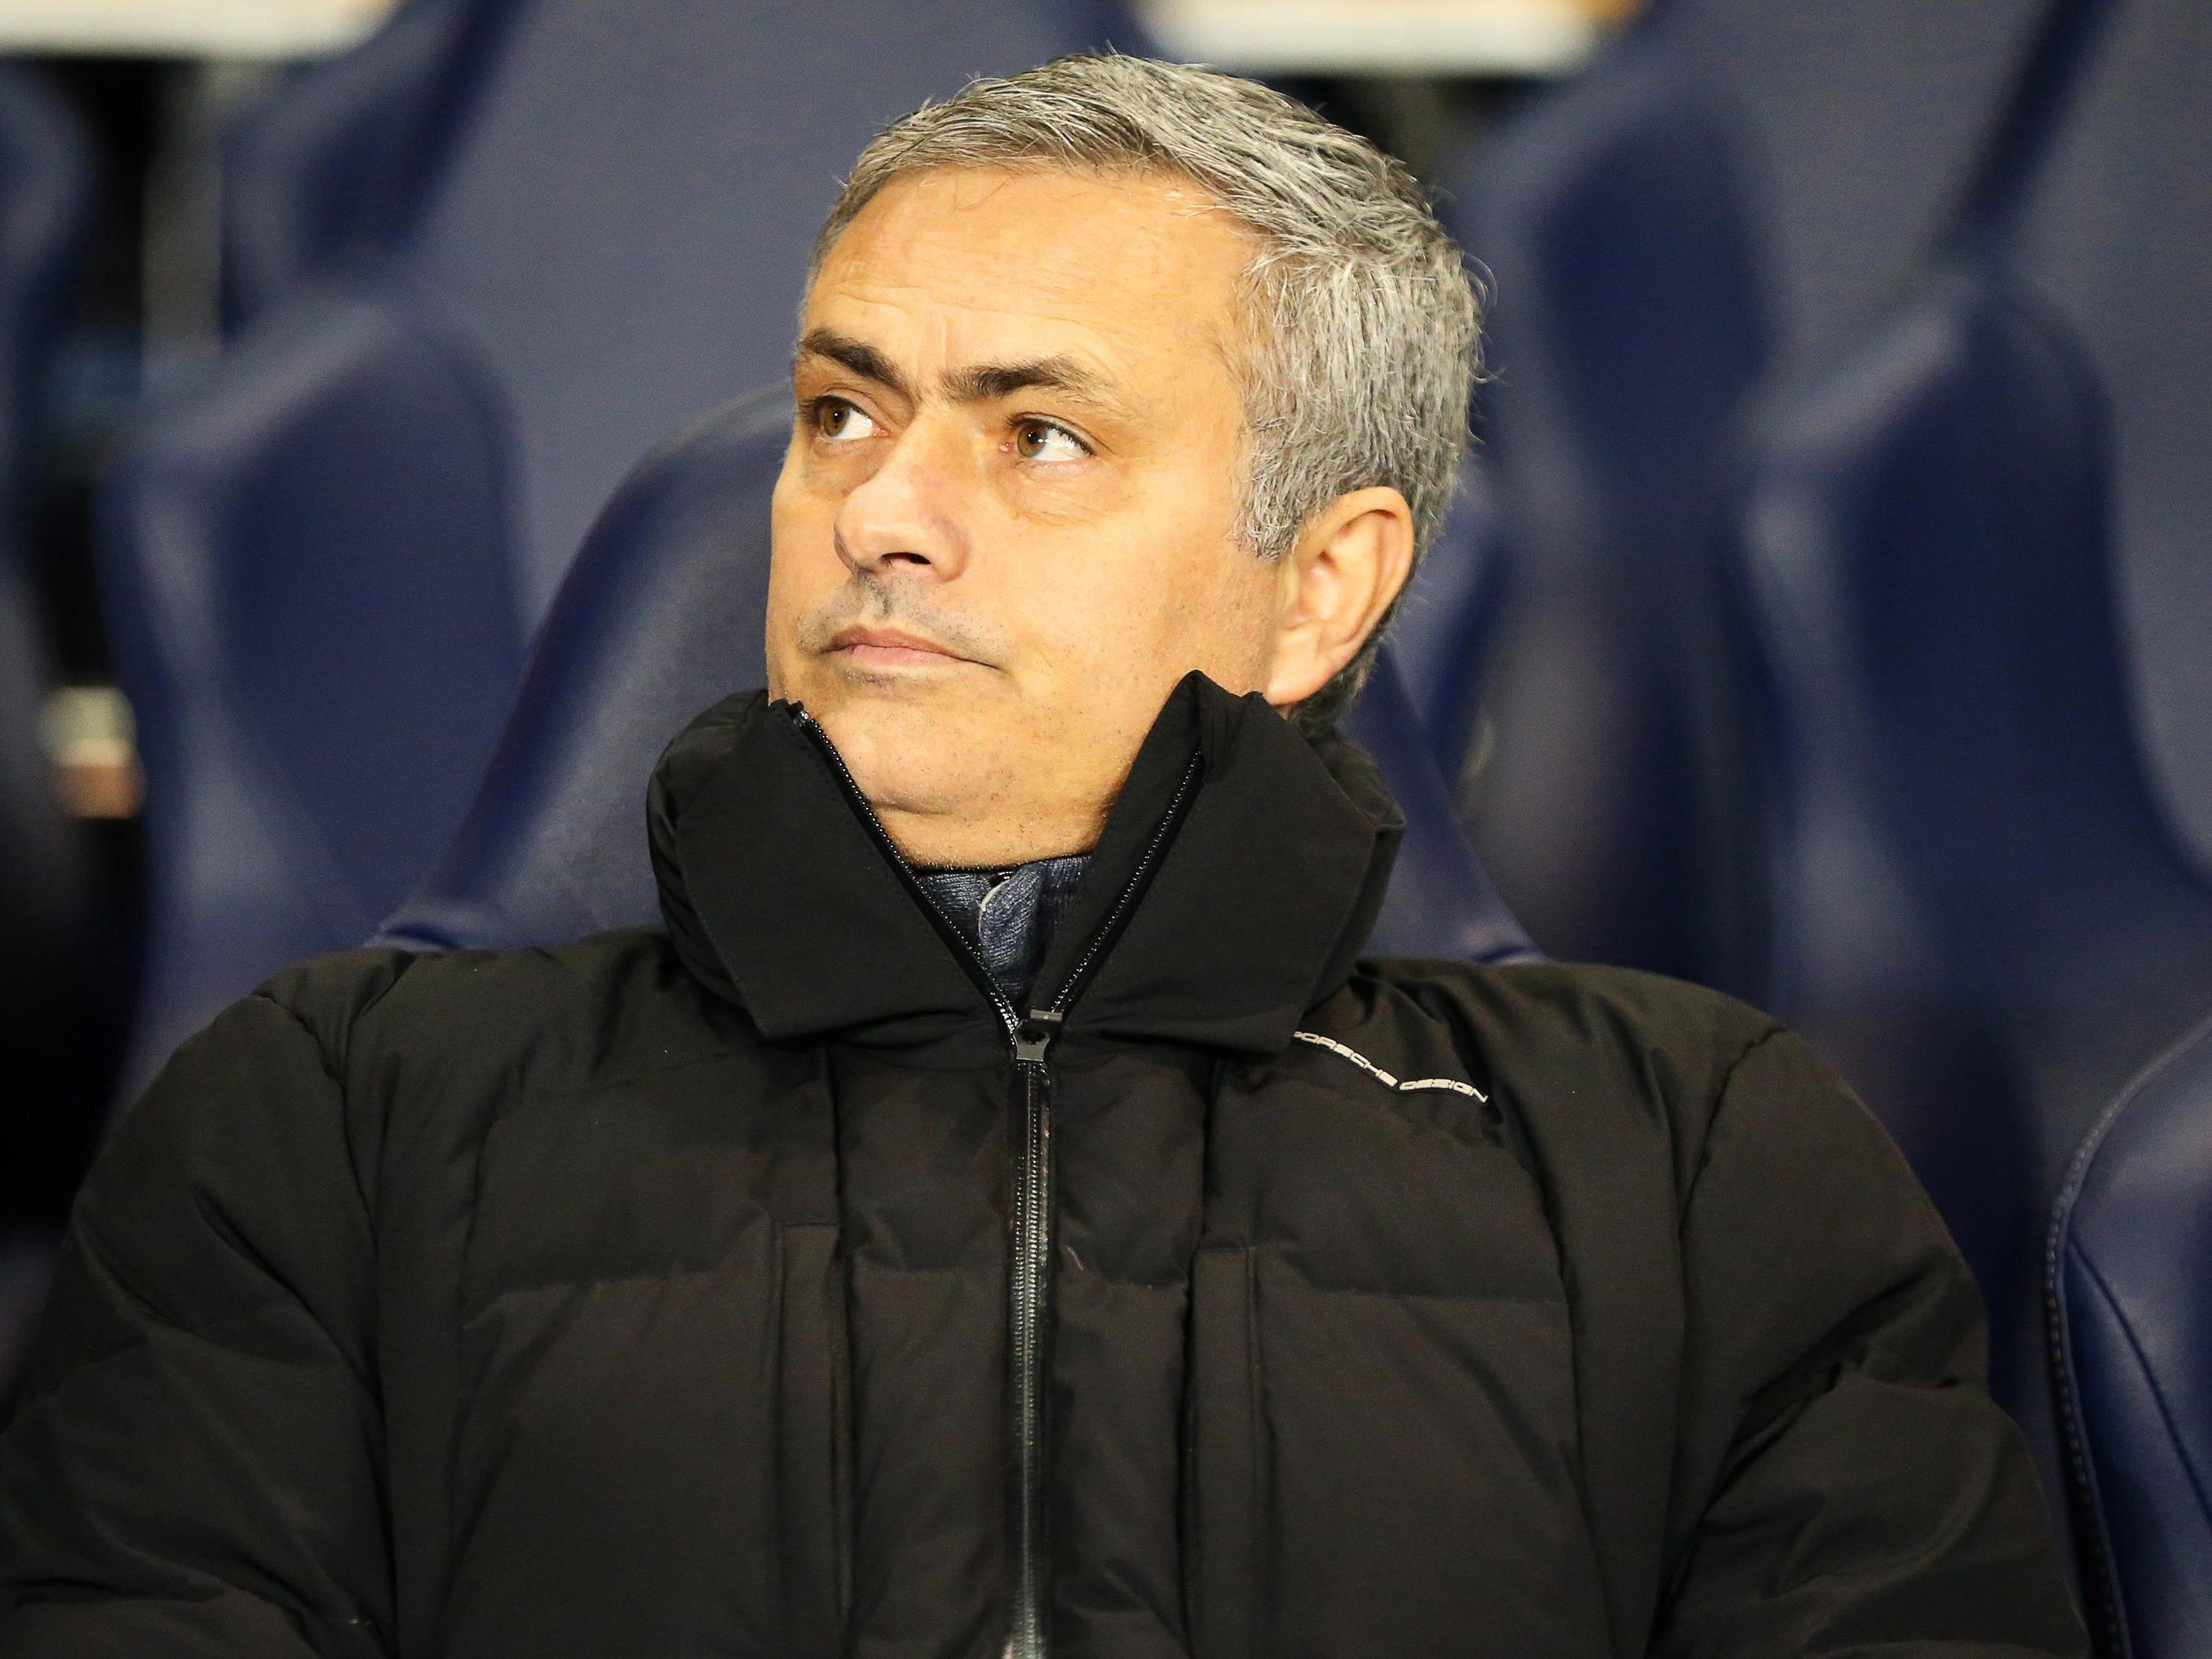 Tottenham-Stürmer Kane Mann des Spiels - Mourinho auf Schiri sauer.